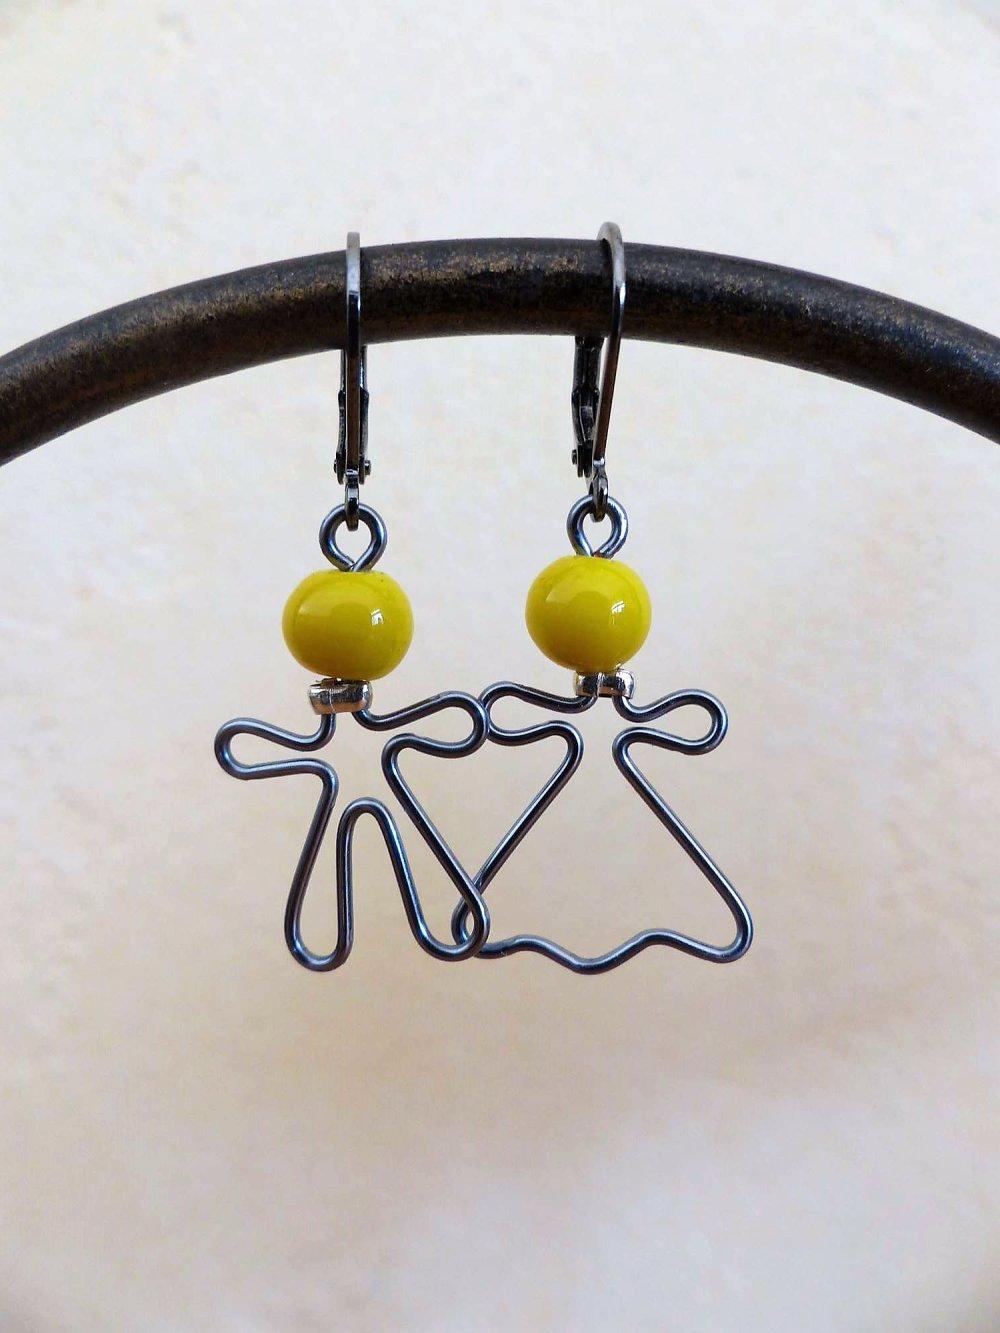 boucles d'oreilles Mr-Mme grises têtes jaunes